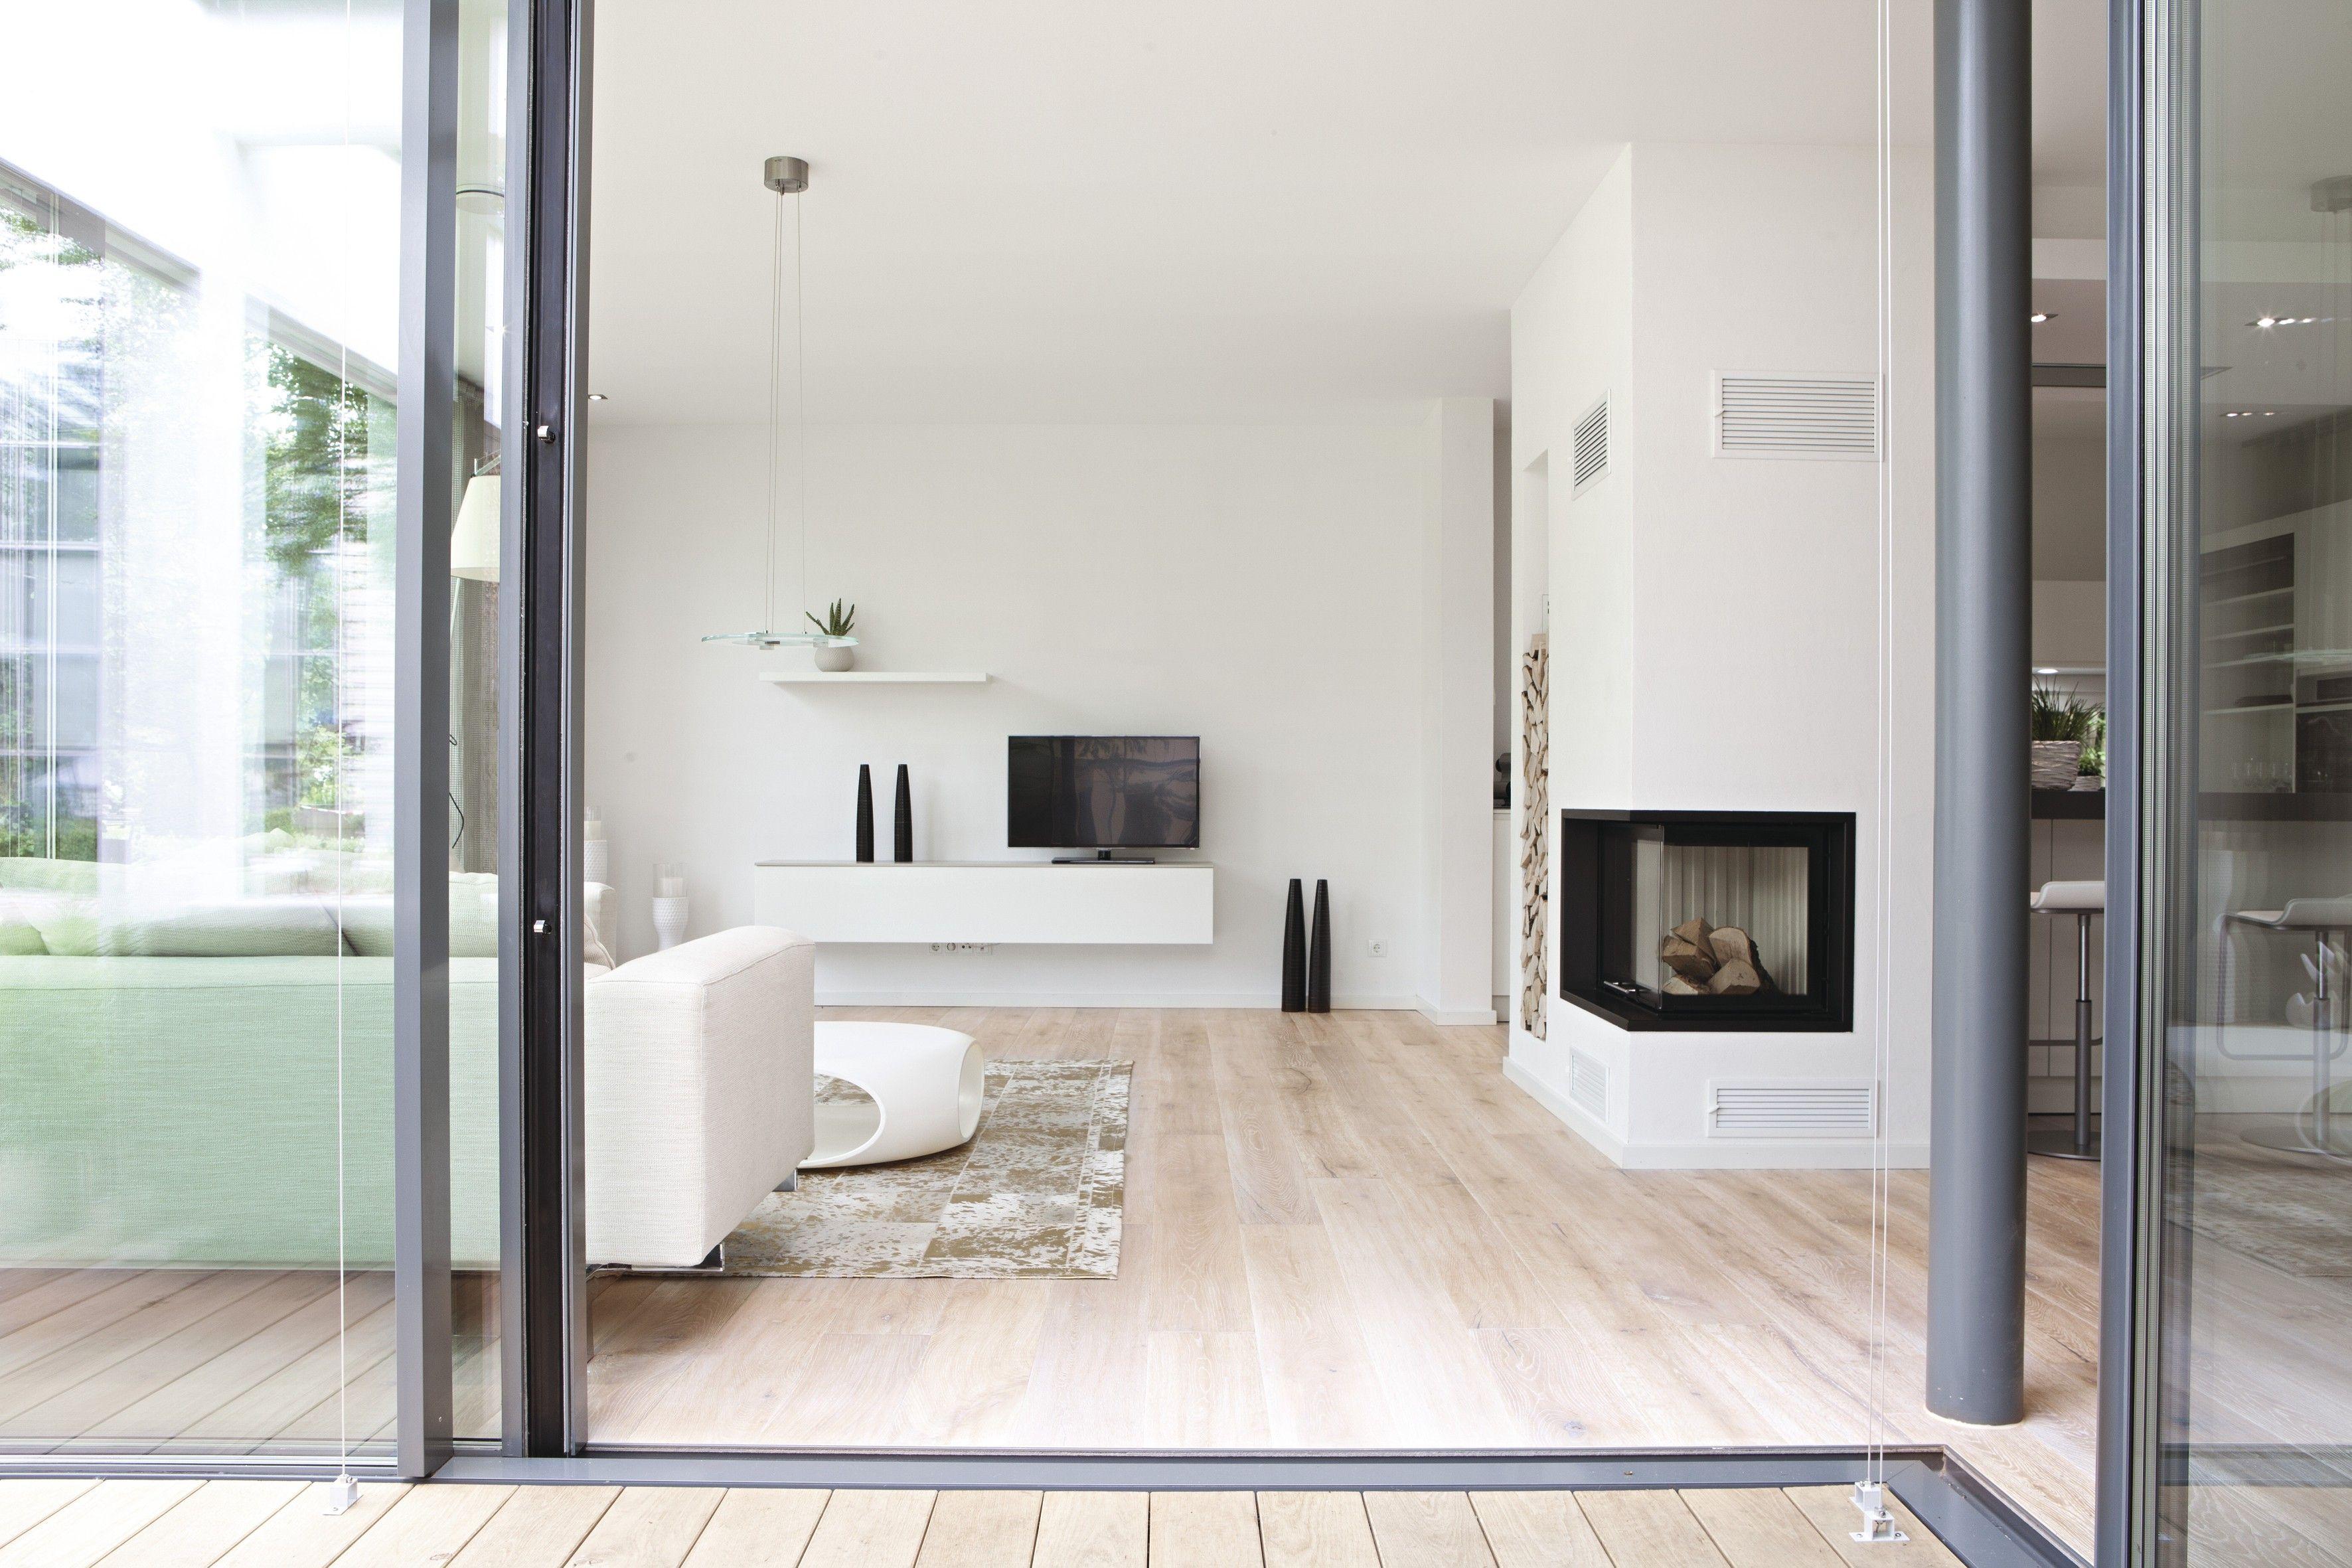 Modernes bungalow innenarchitektur wohnzimmer wohnzimmer mit kamin  wohnzimmer  pinterest  living rooms